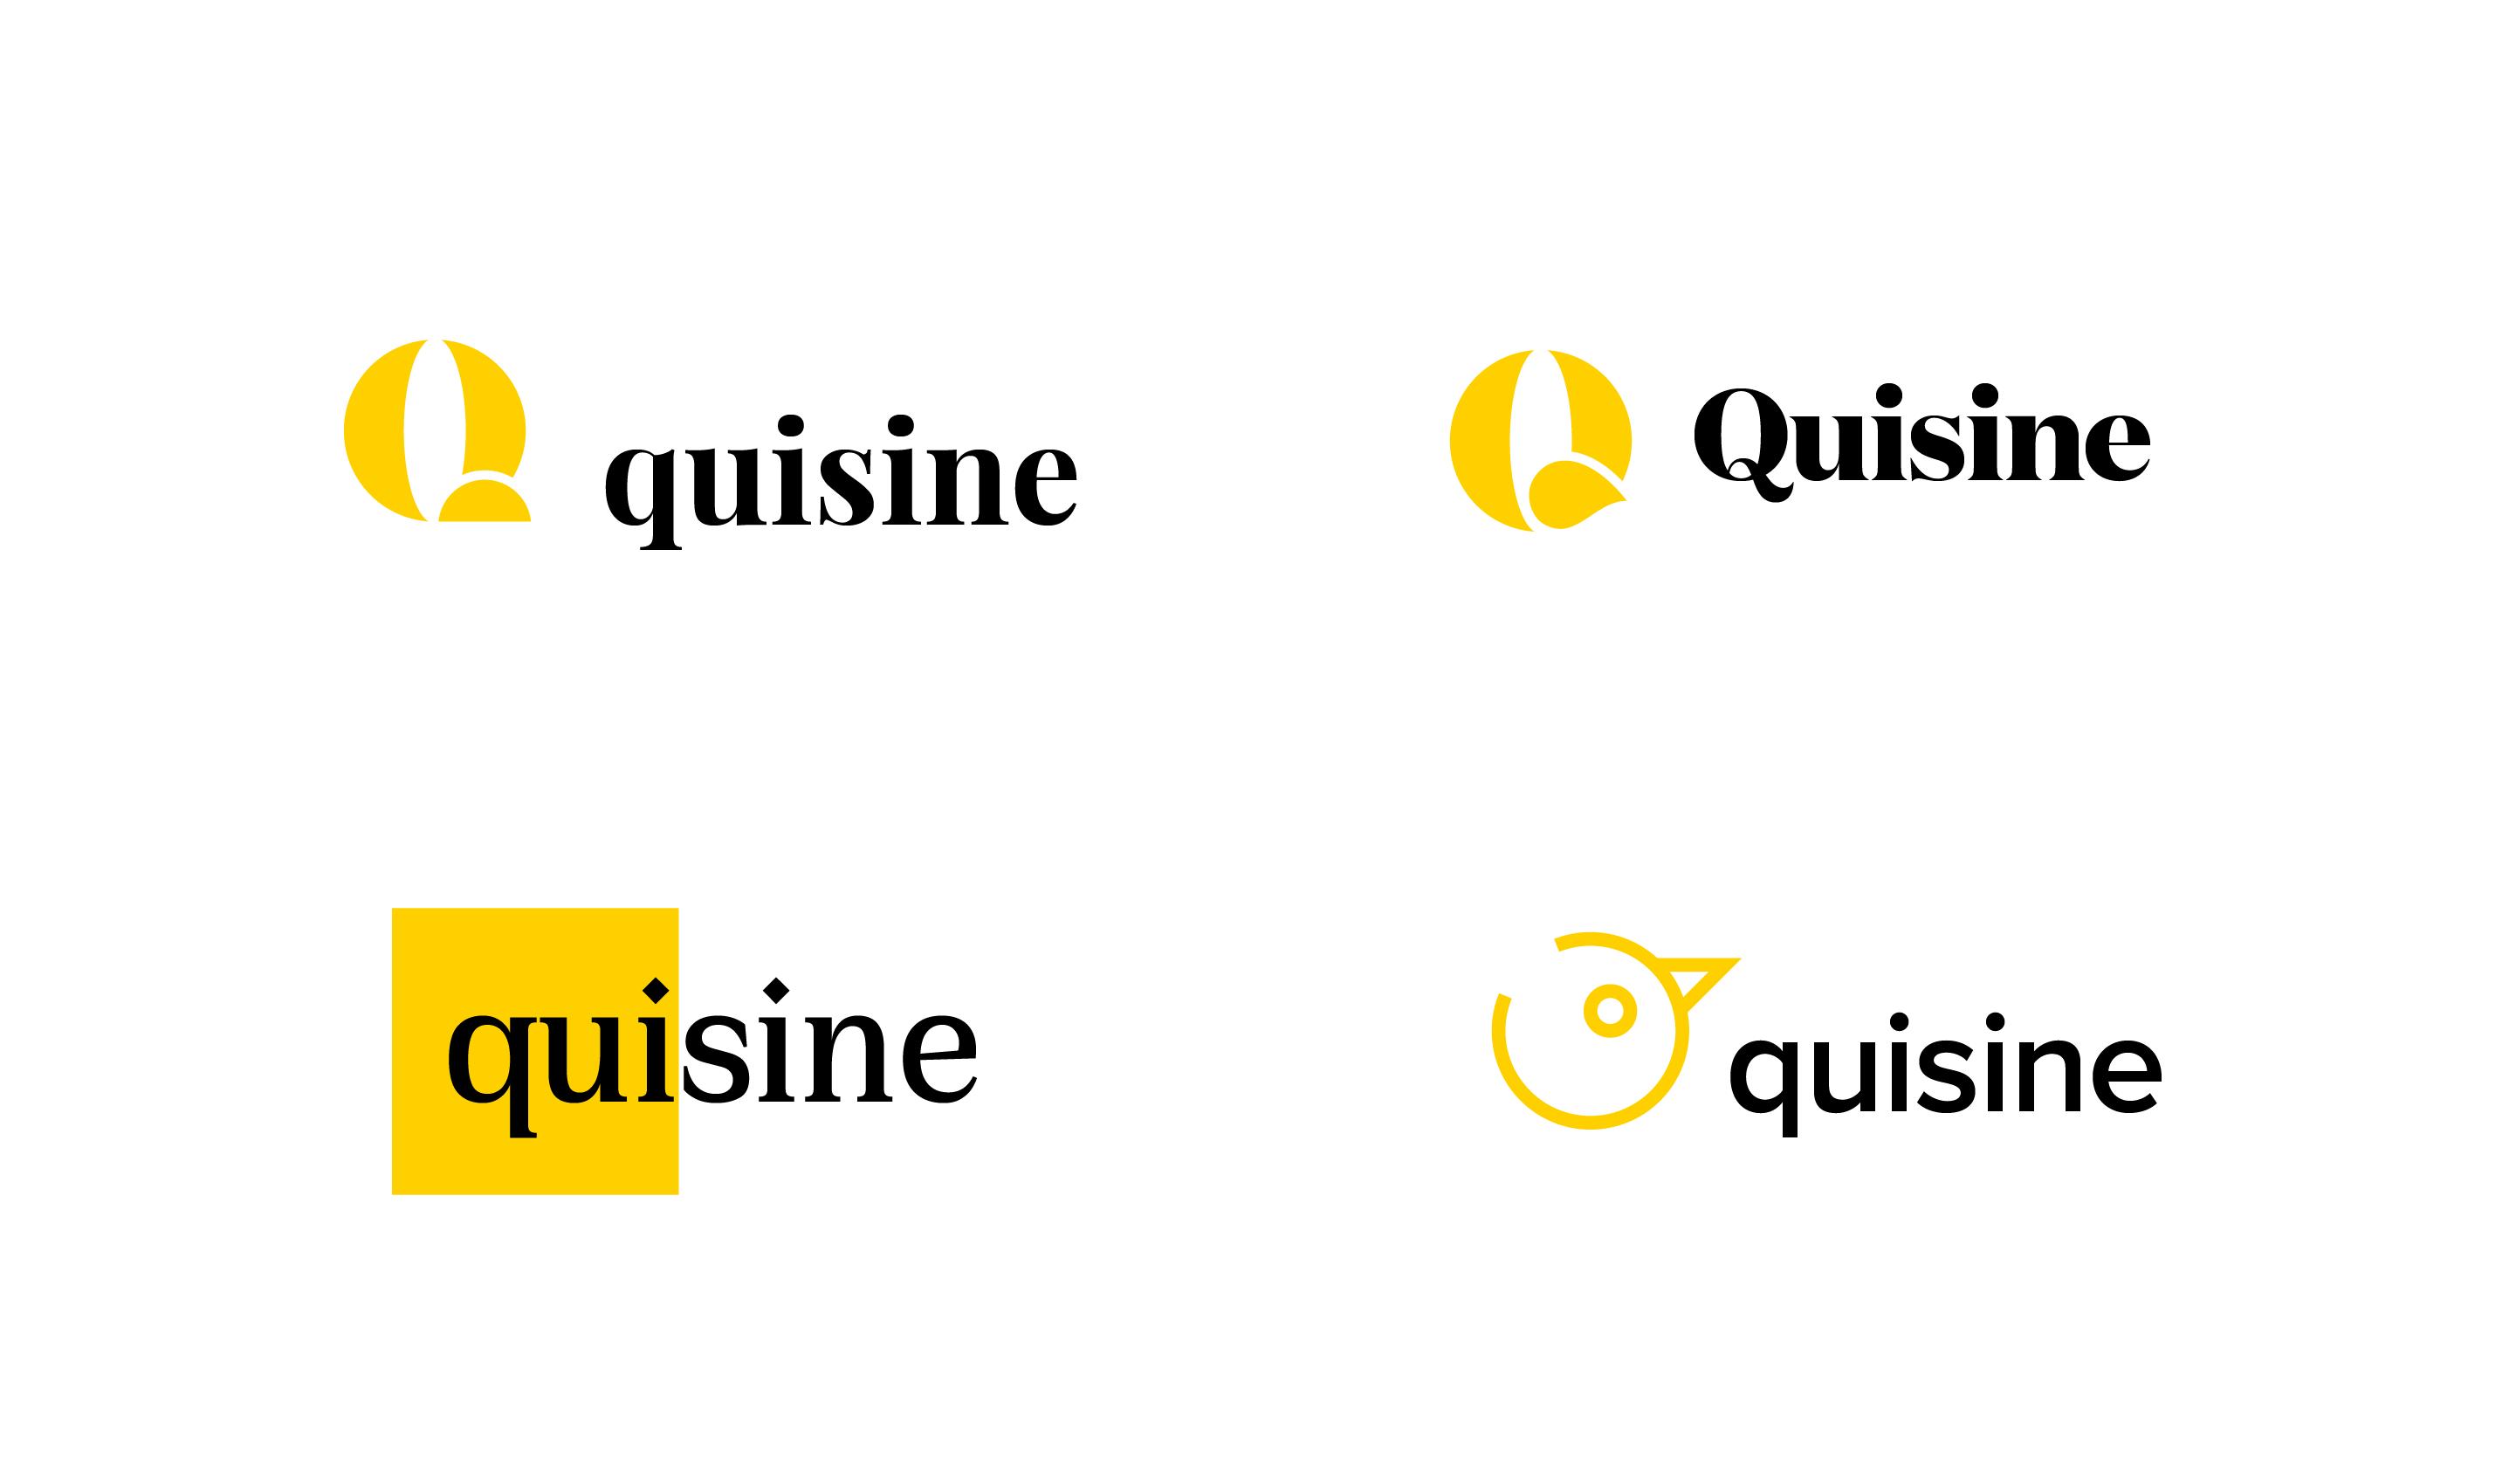 Logo设计备选方案